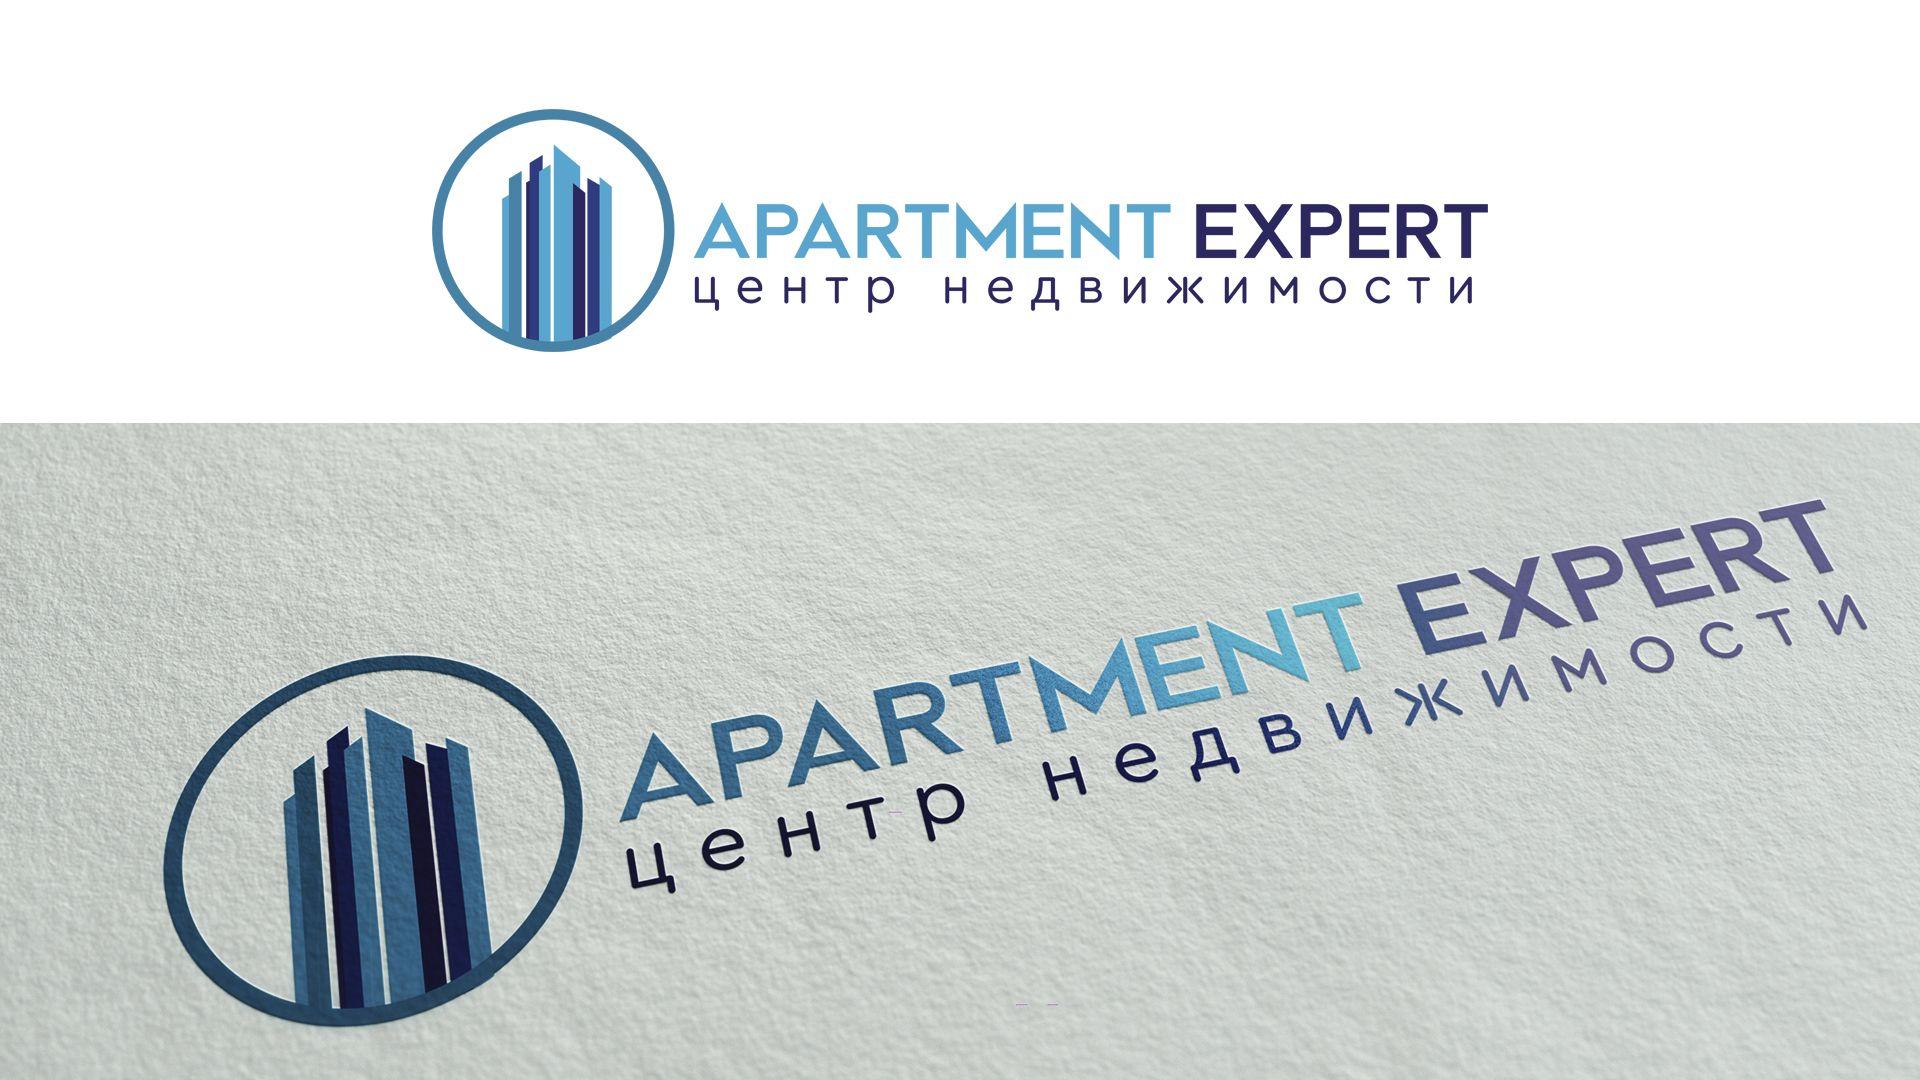 Логотип для APARTMENT EXPERT - ЦЕНТР НЕДВИЖИМОСТИ - дизайнер jkingslain